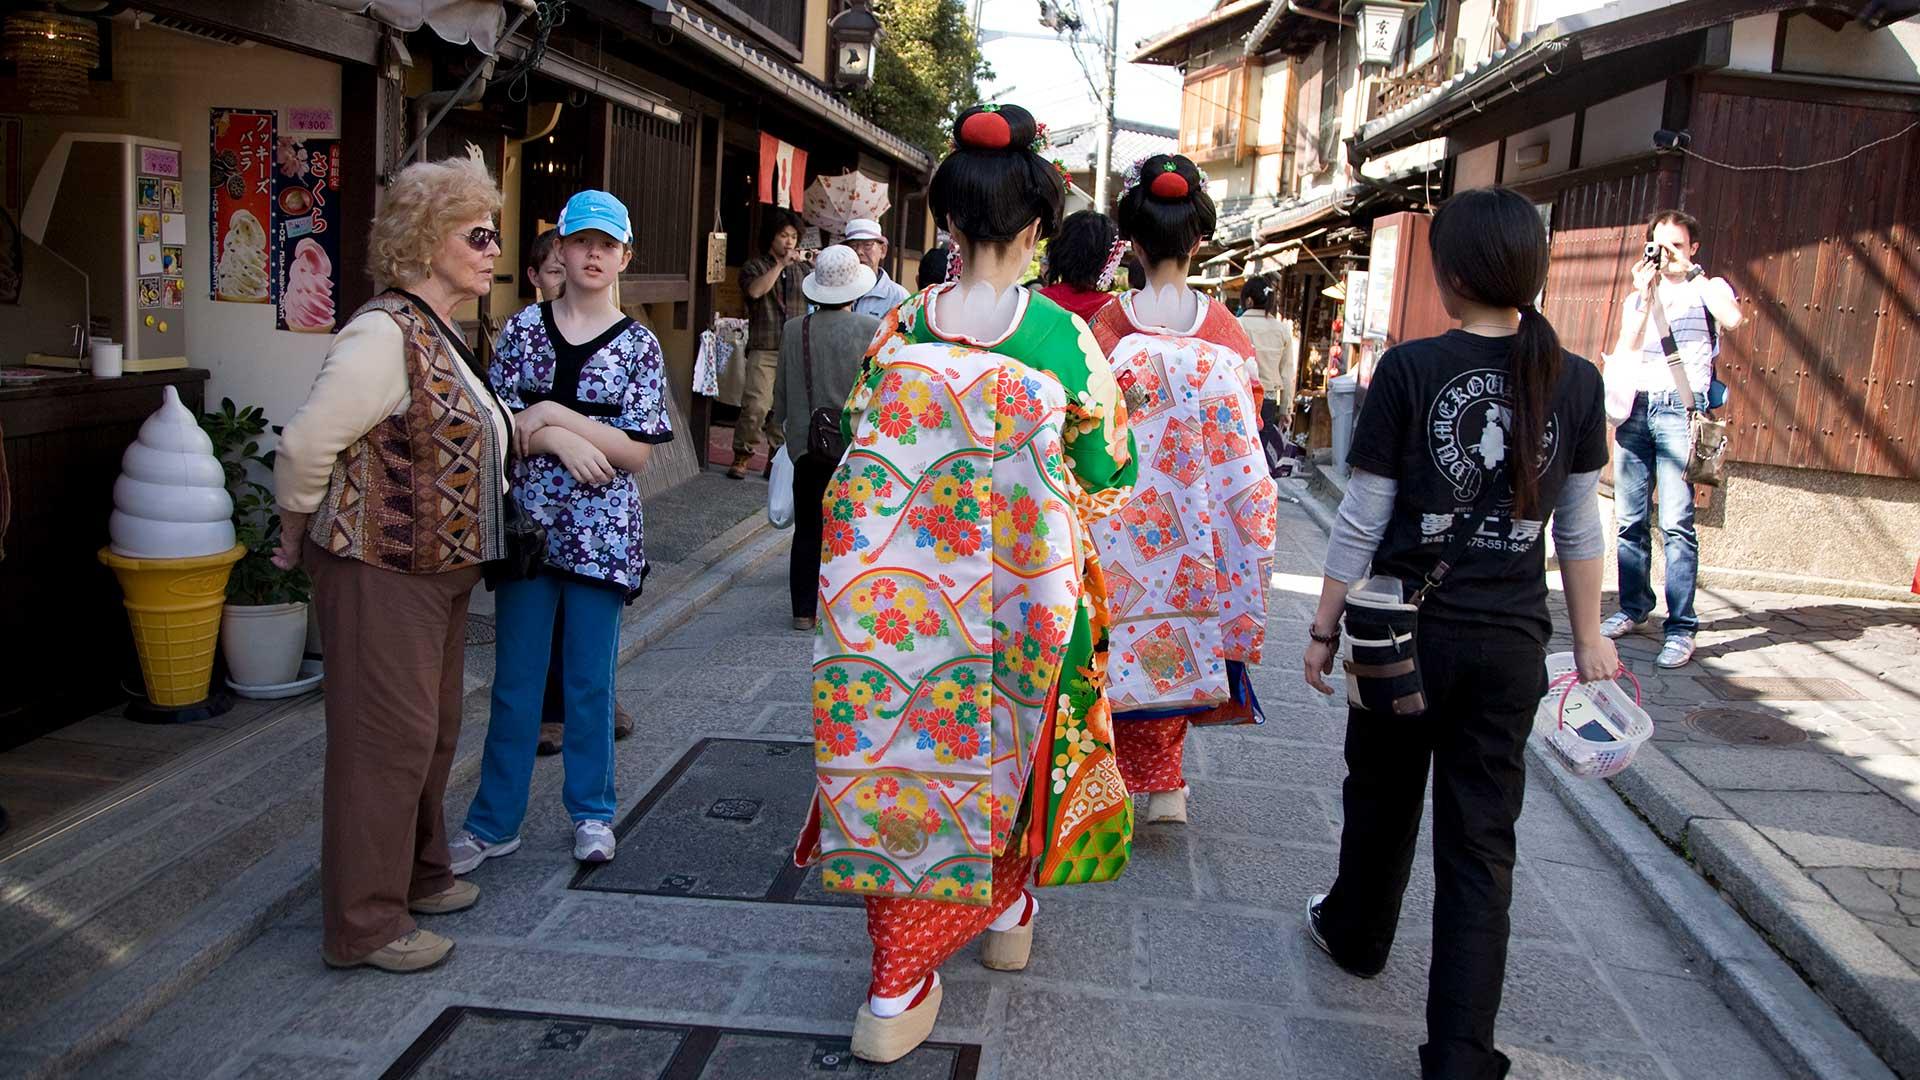 Kyoto, Gion district, tourists watch Geisha in kimonos walk by